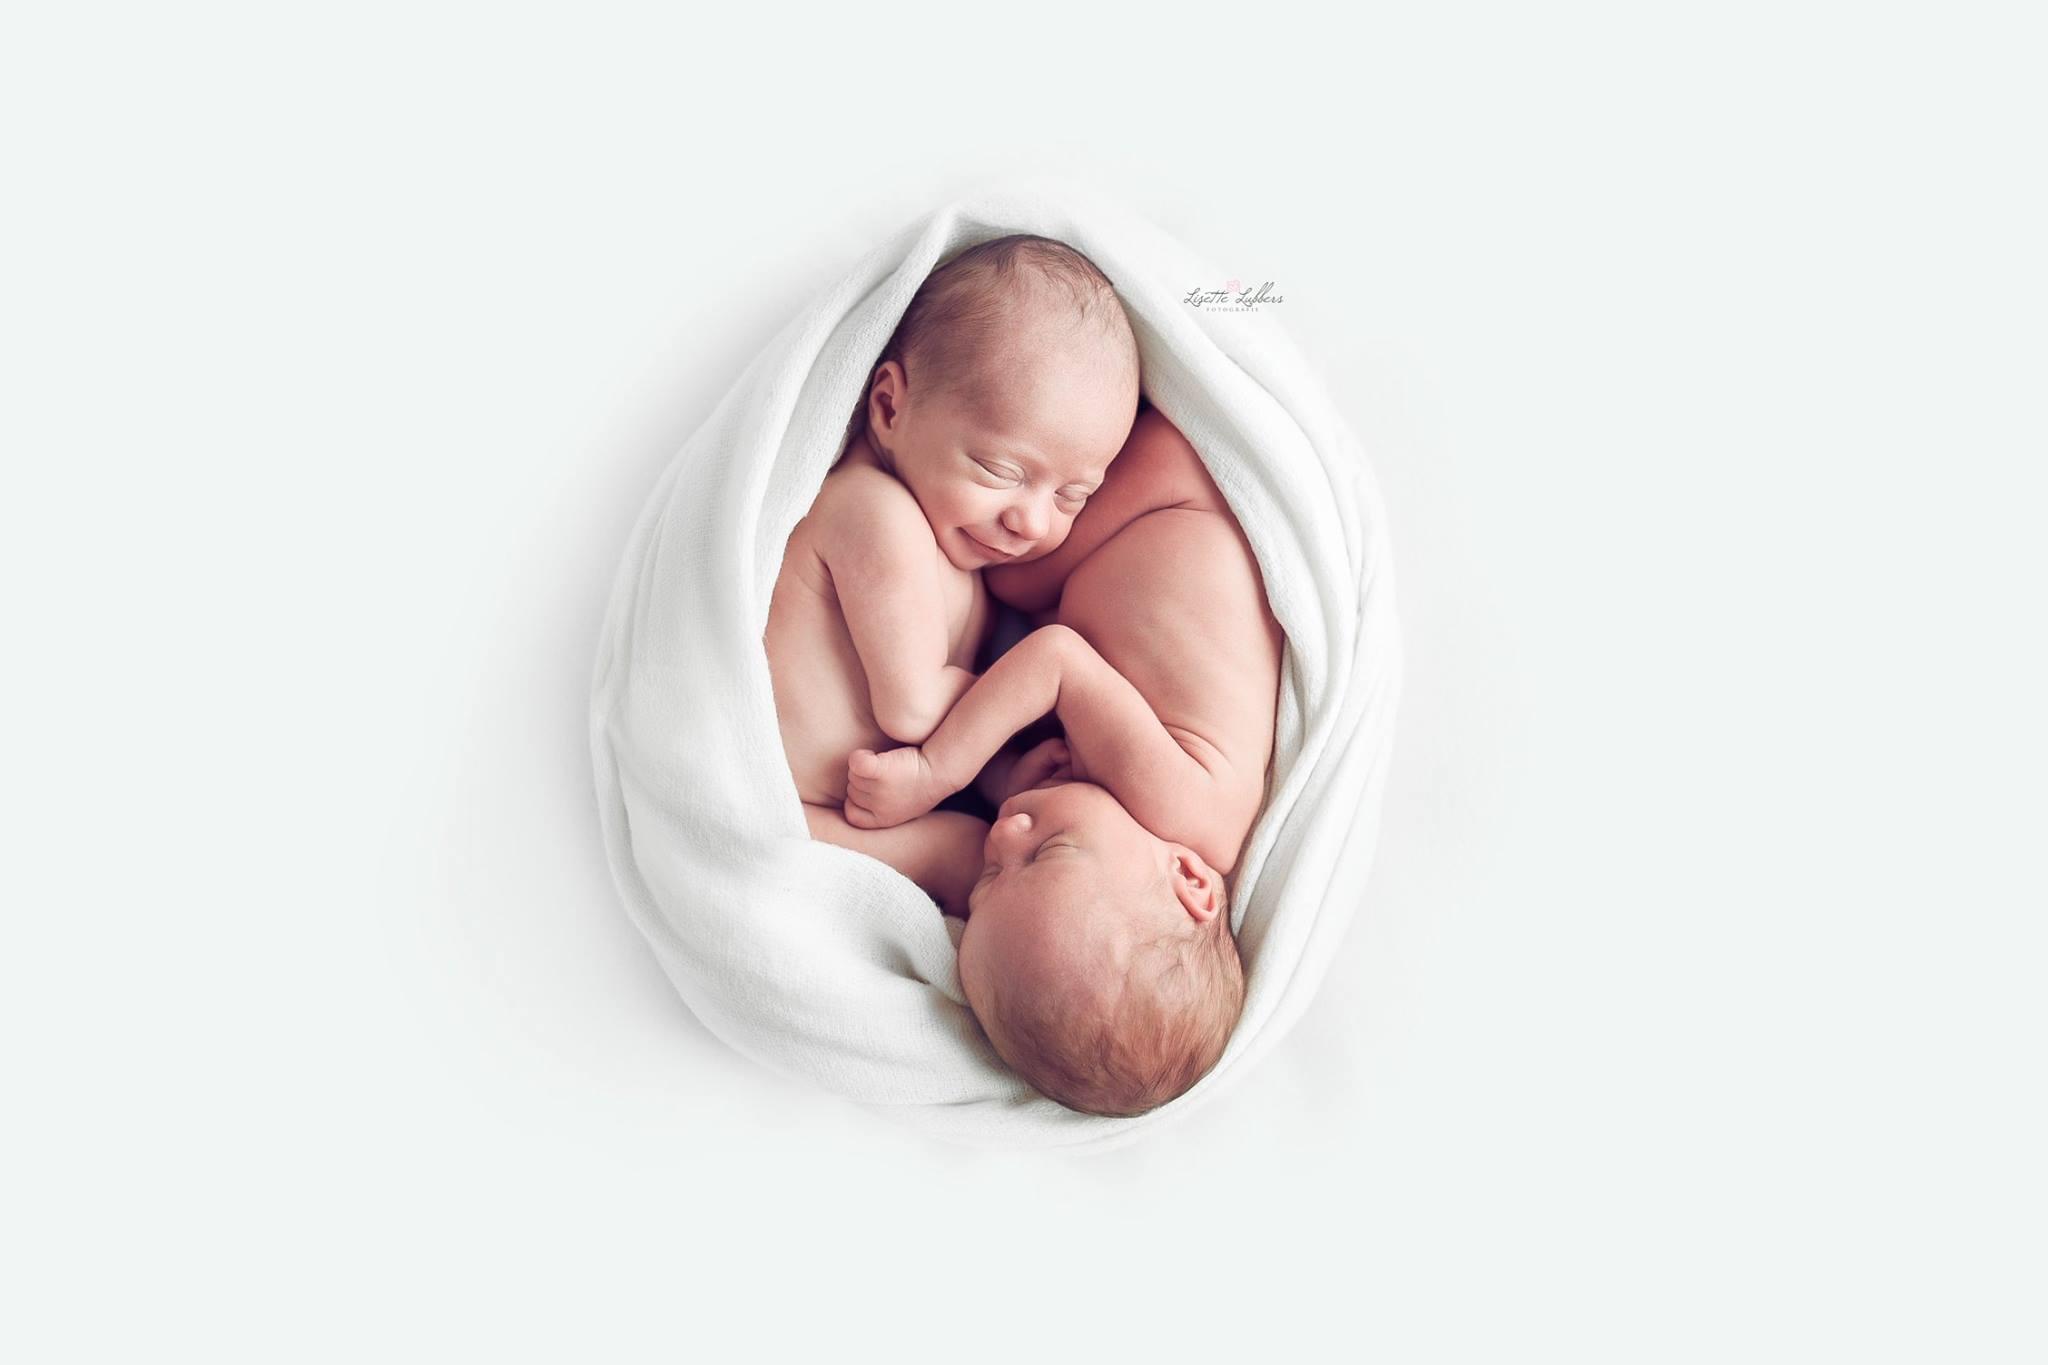 Boek al tijdens je zwangerschap